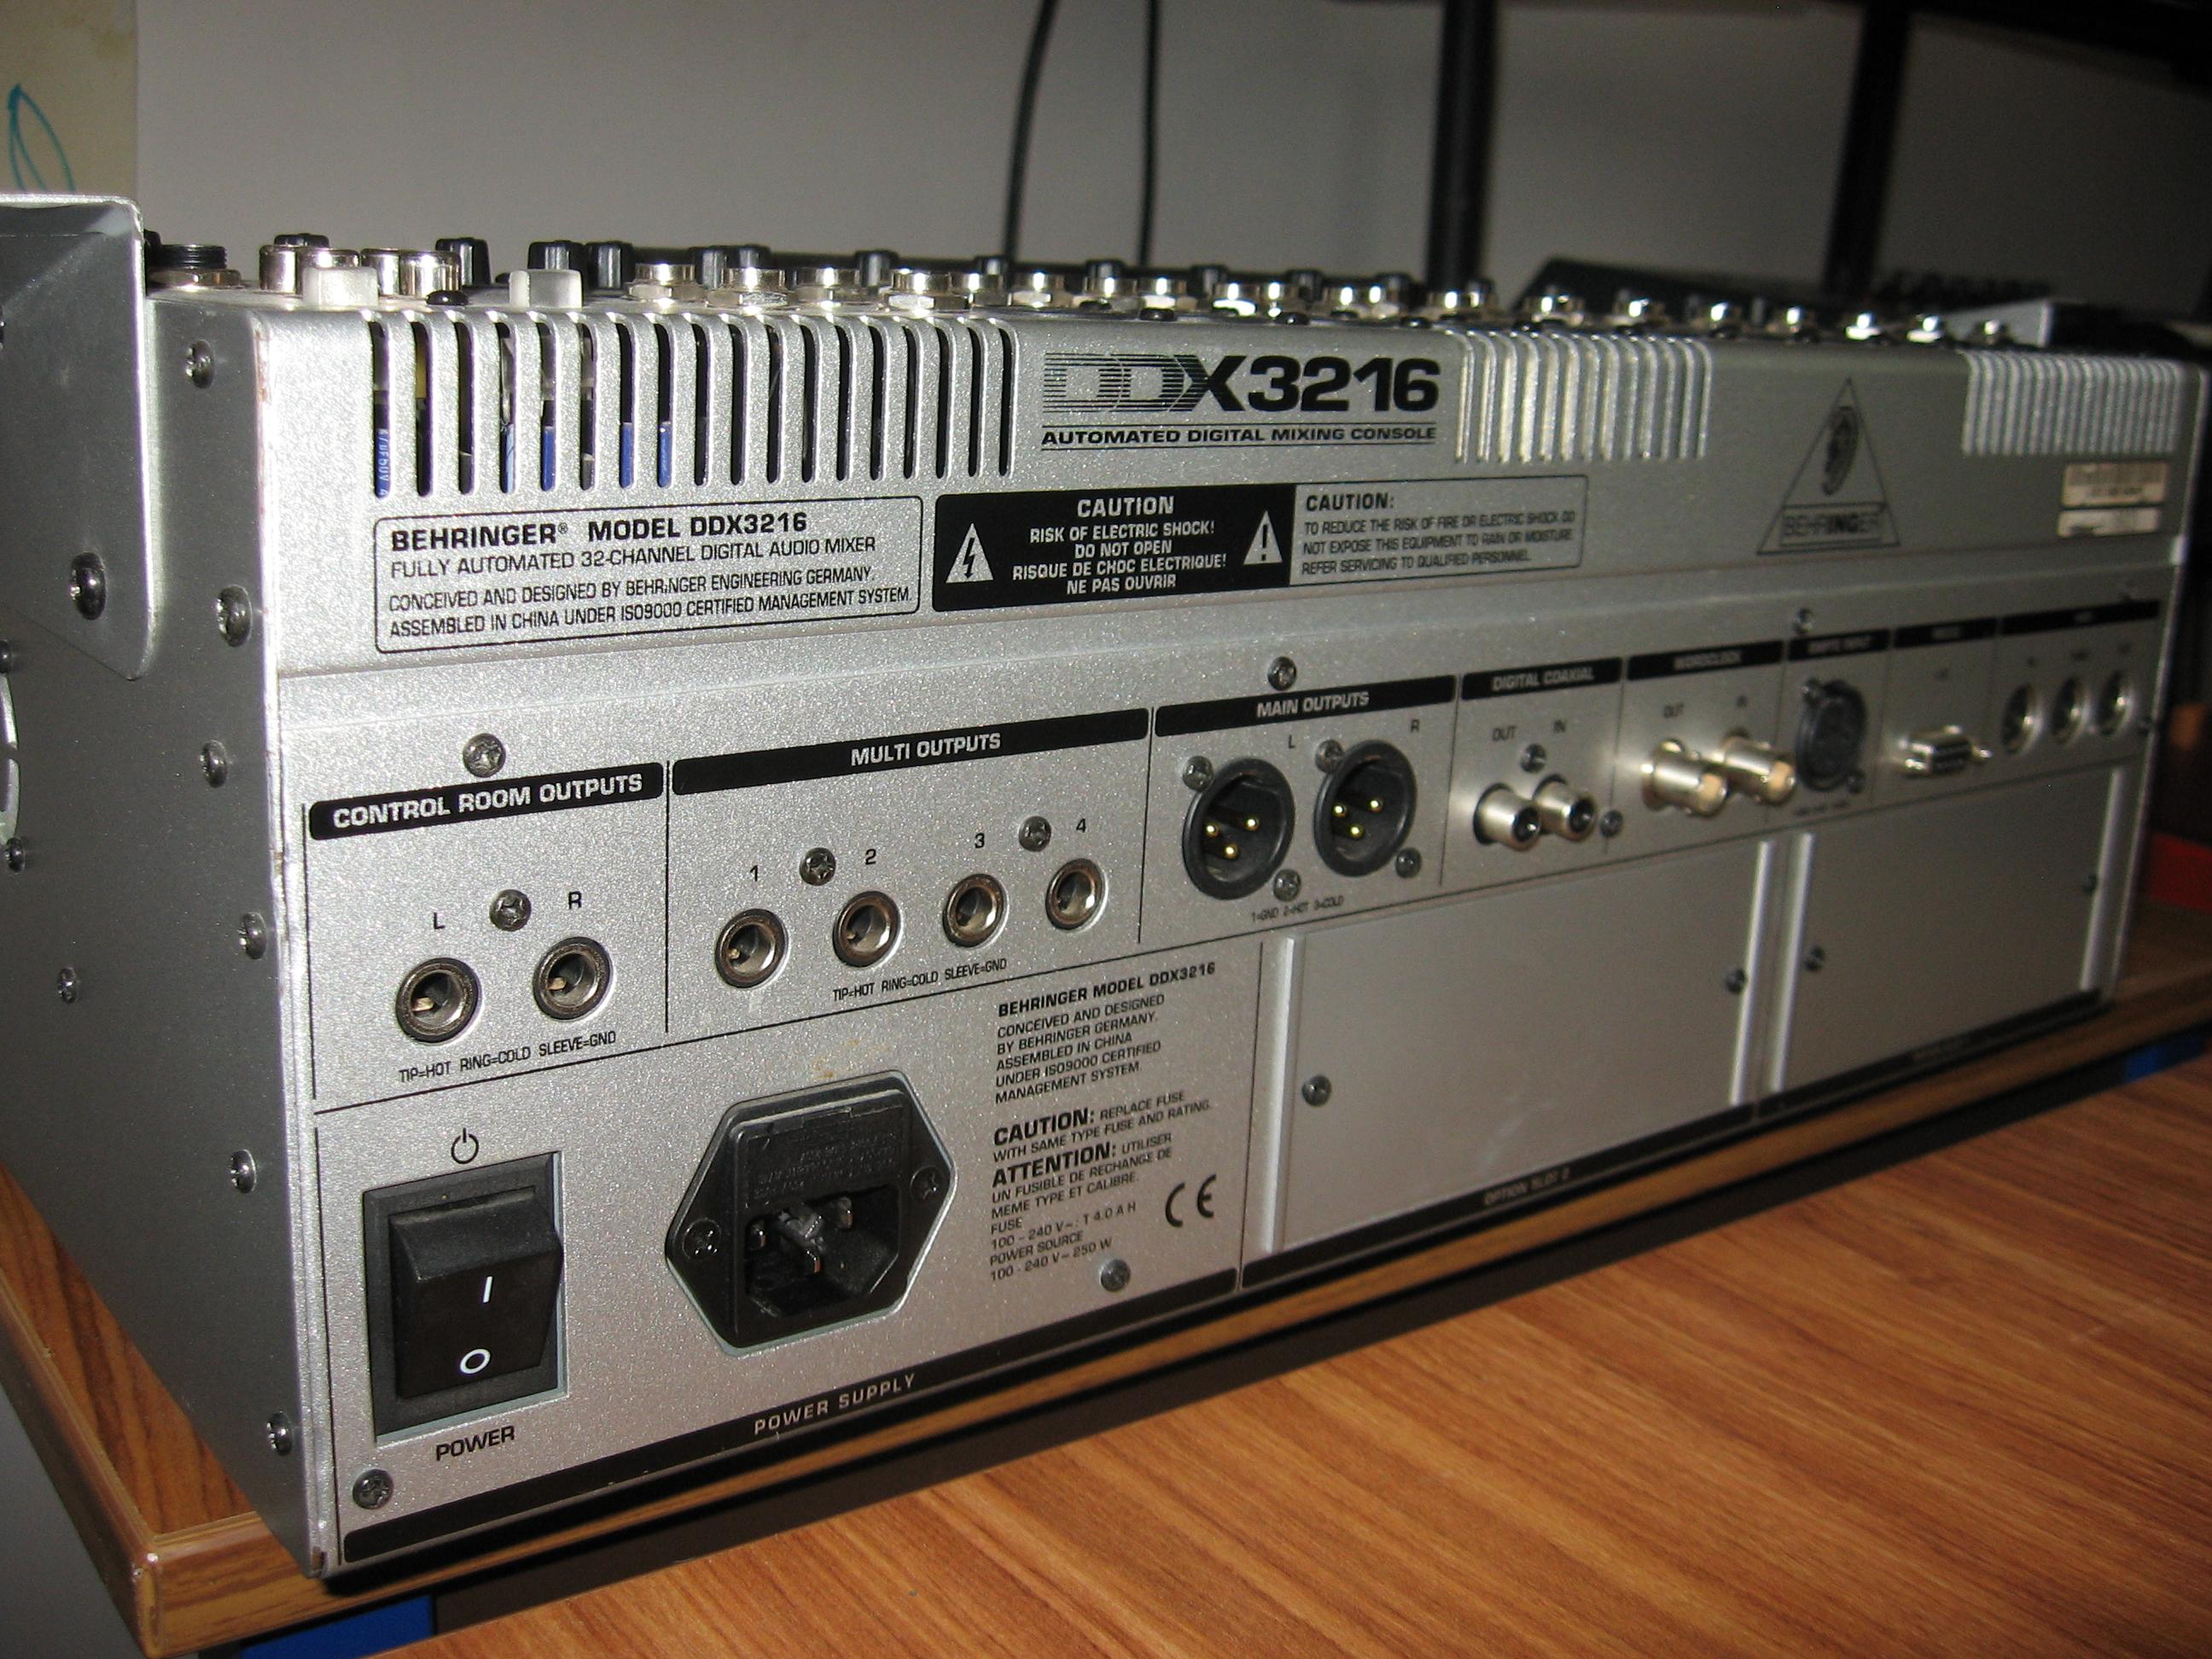 Photo behringer ddx3216 behringer ddx3216 32710 1838234 audiofanzine - Console numerique behringer ...